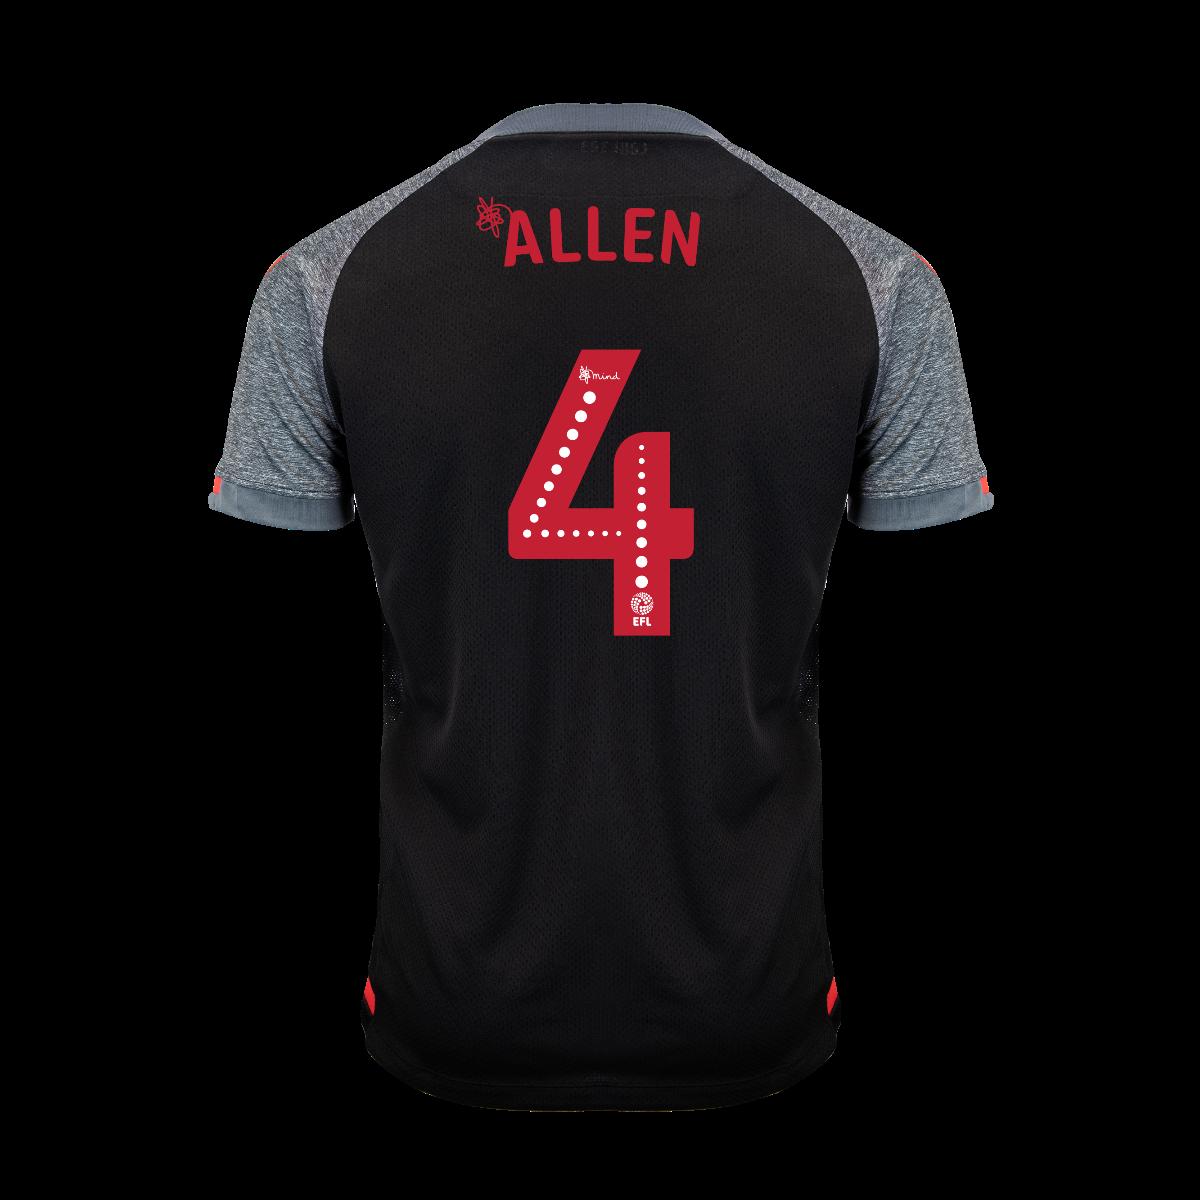 2019/20 Ladies Away Shirt - Allen